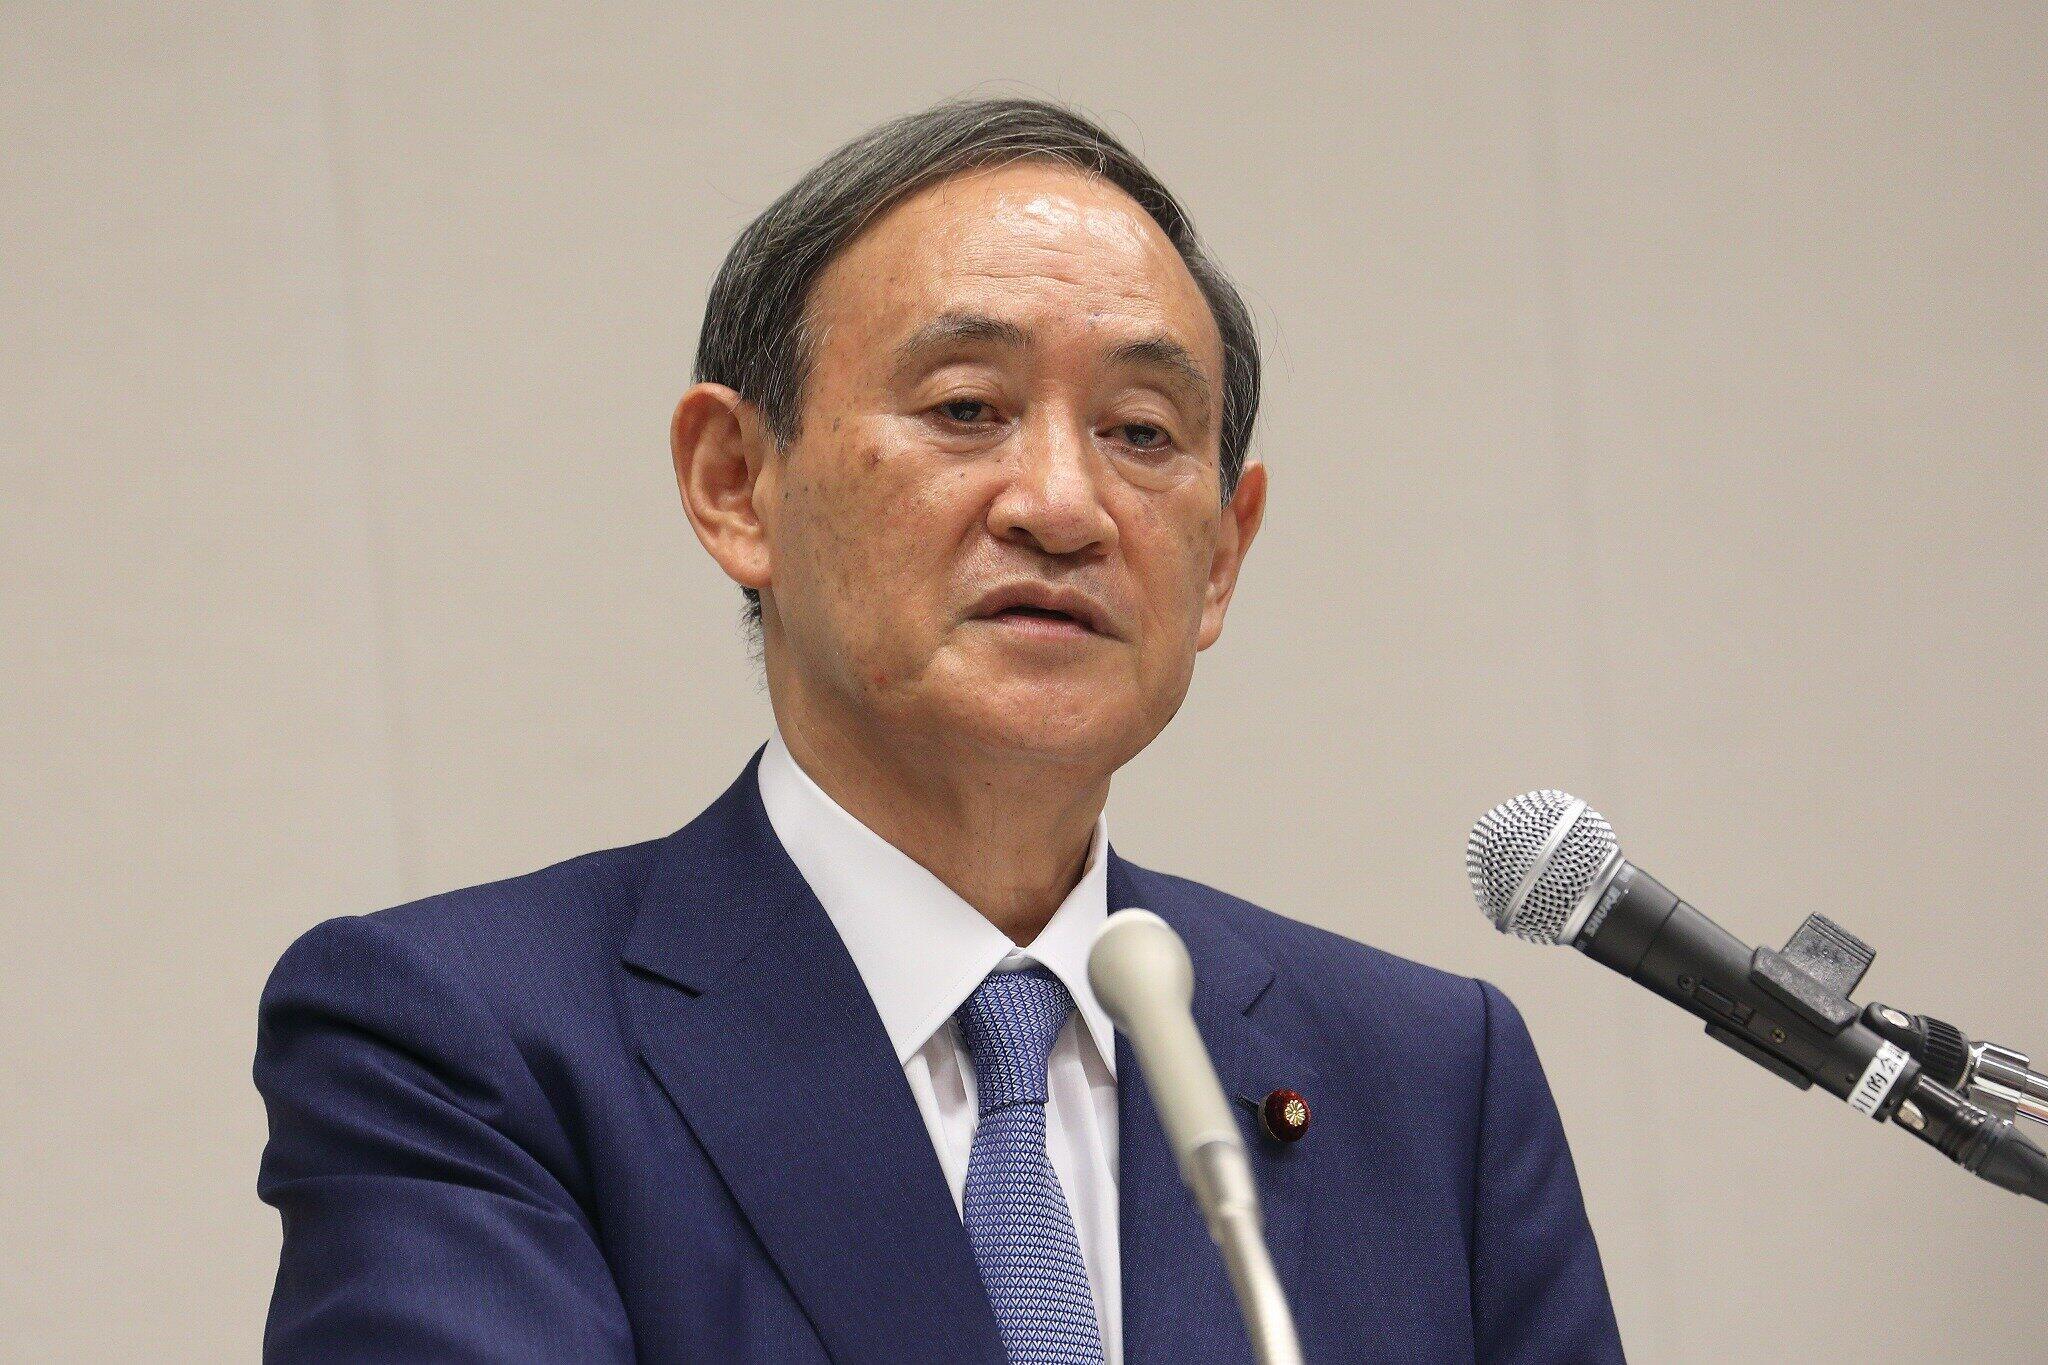 次期総理と目される菅義偉氏の判断で「日韓特許戦争」勃発か?